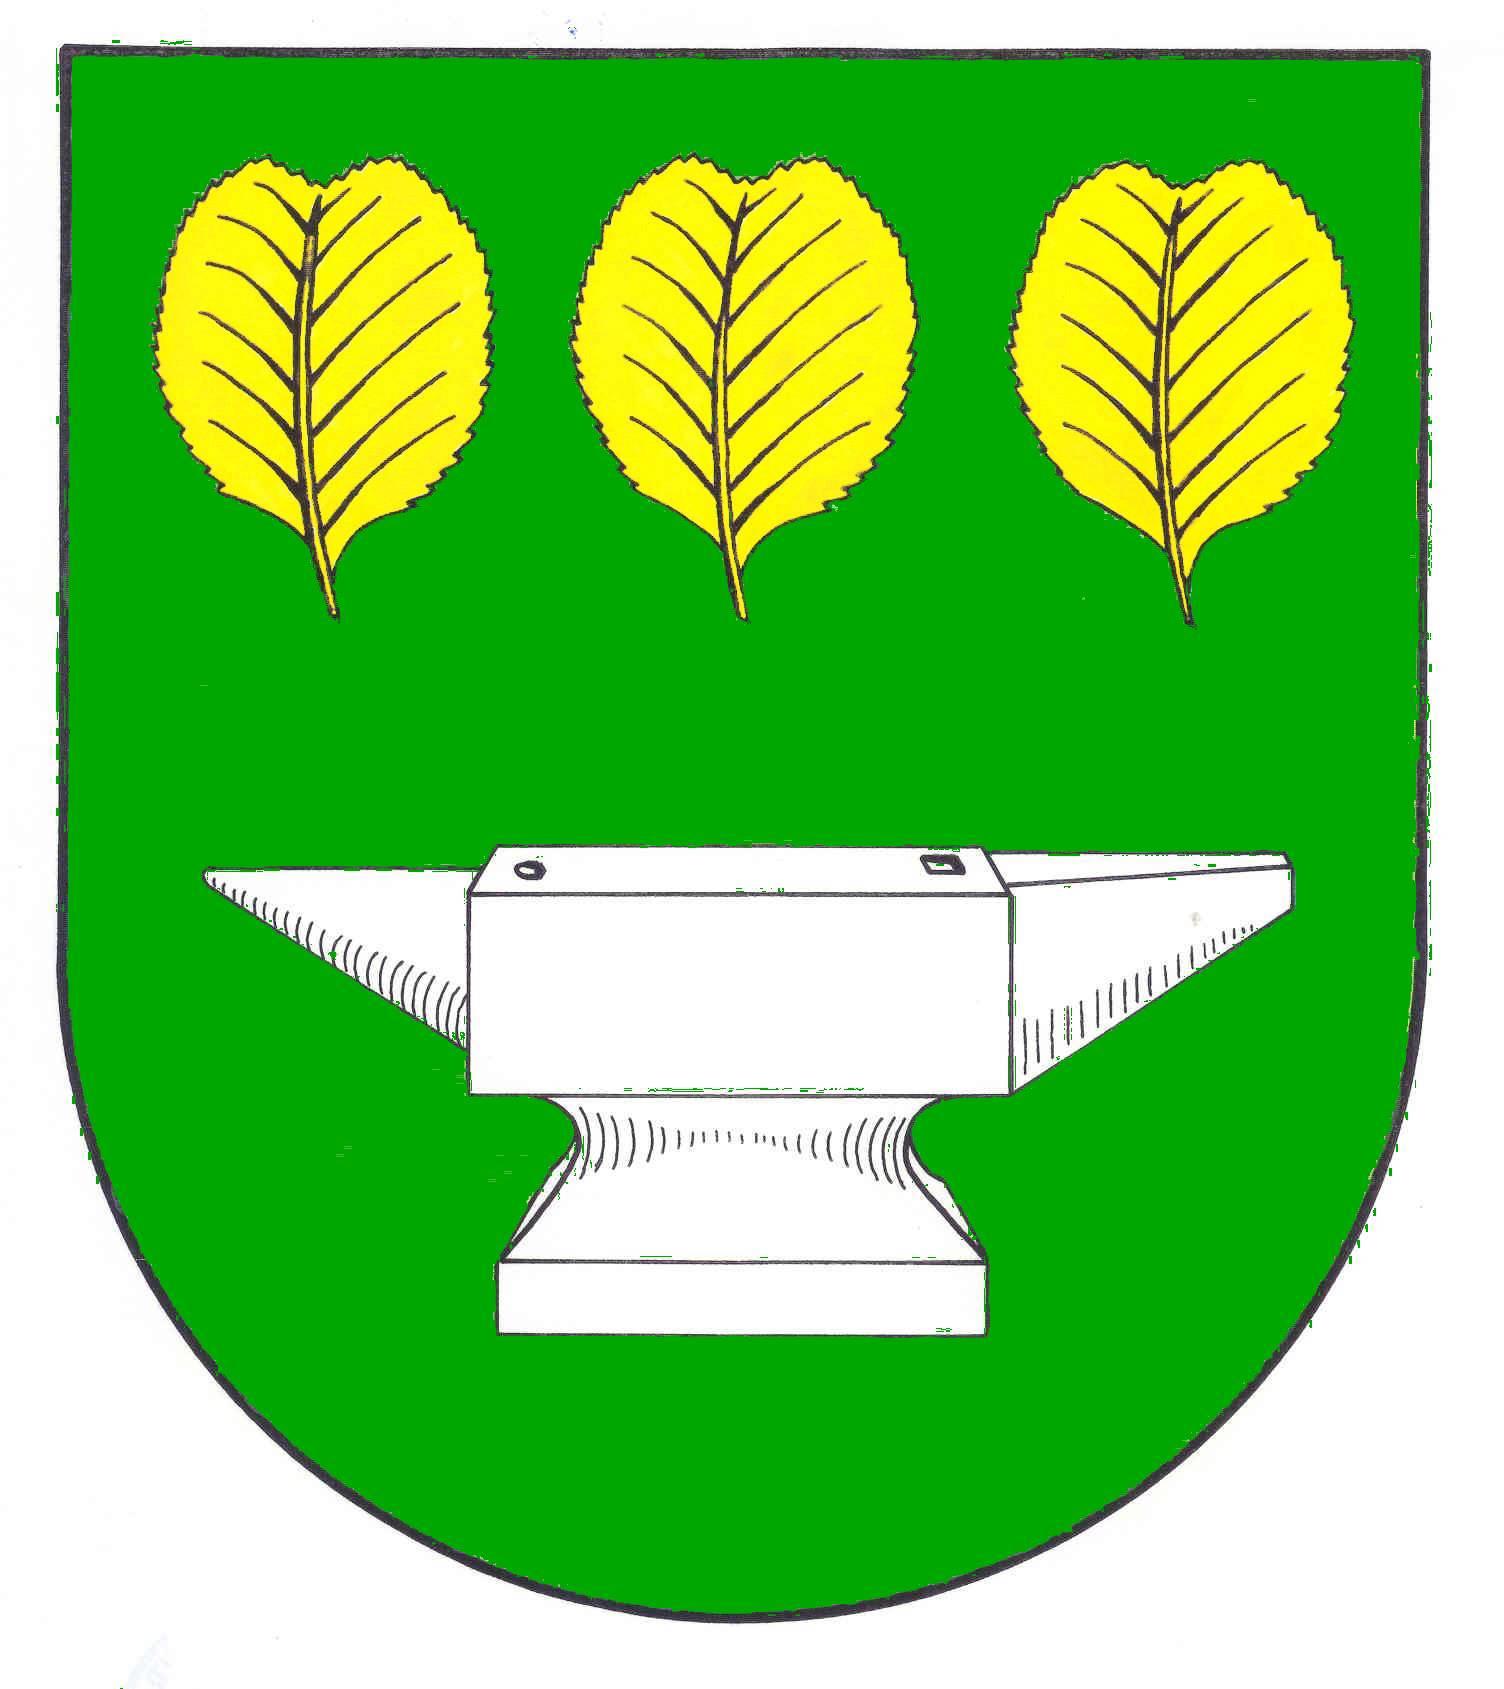 Wappen GemeindeWeesby, Kreis Schleswig-Flensburg